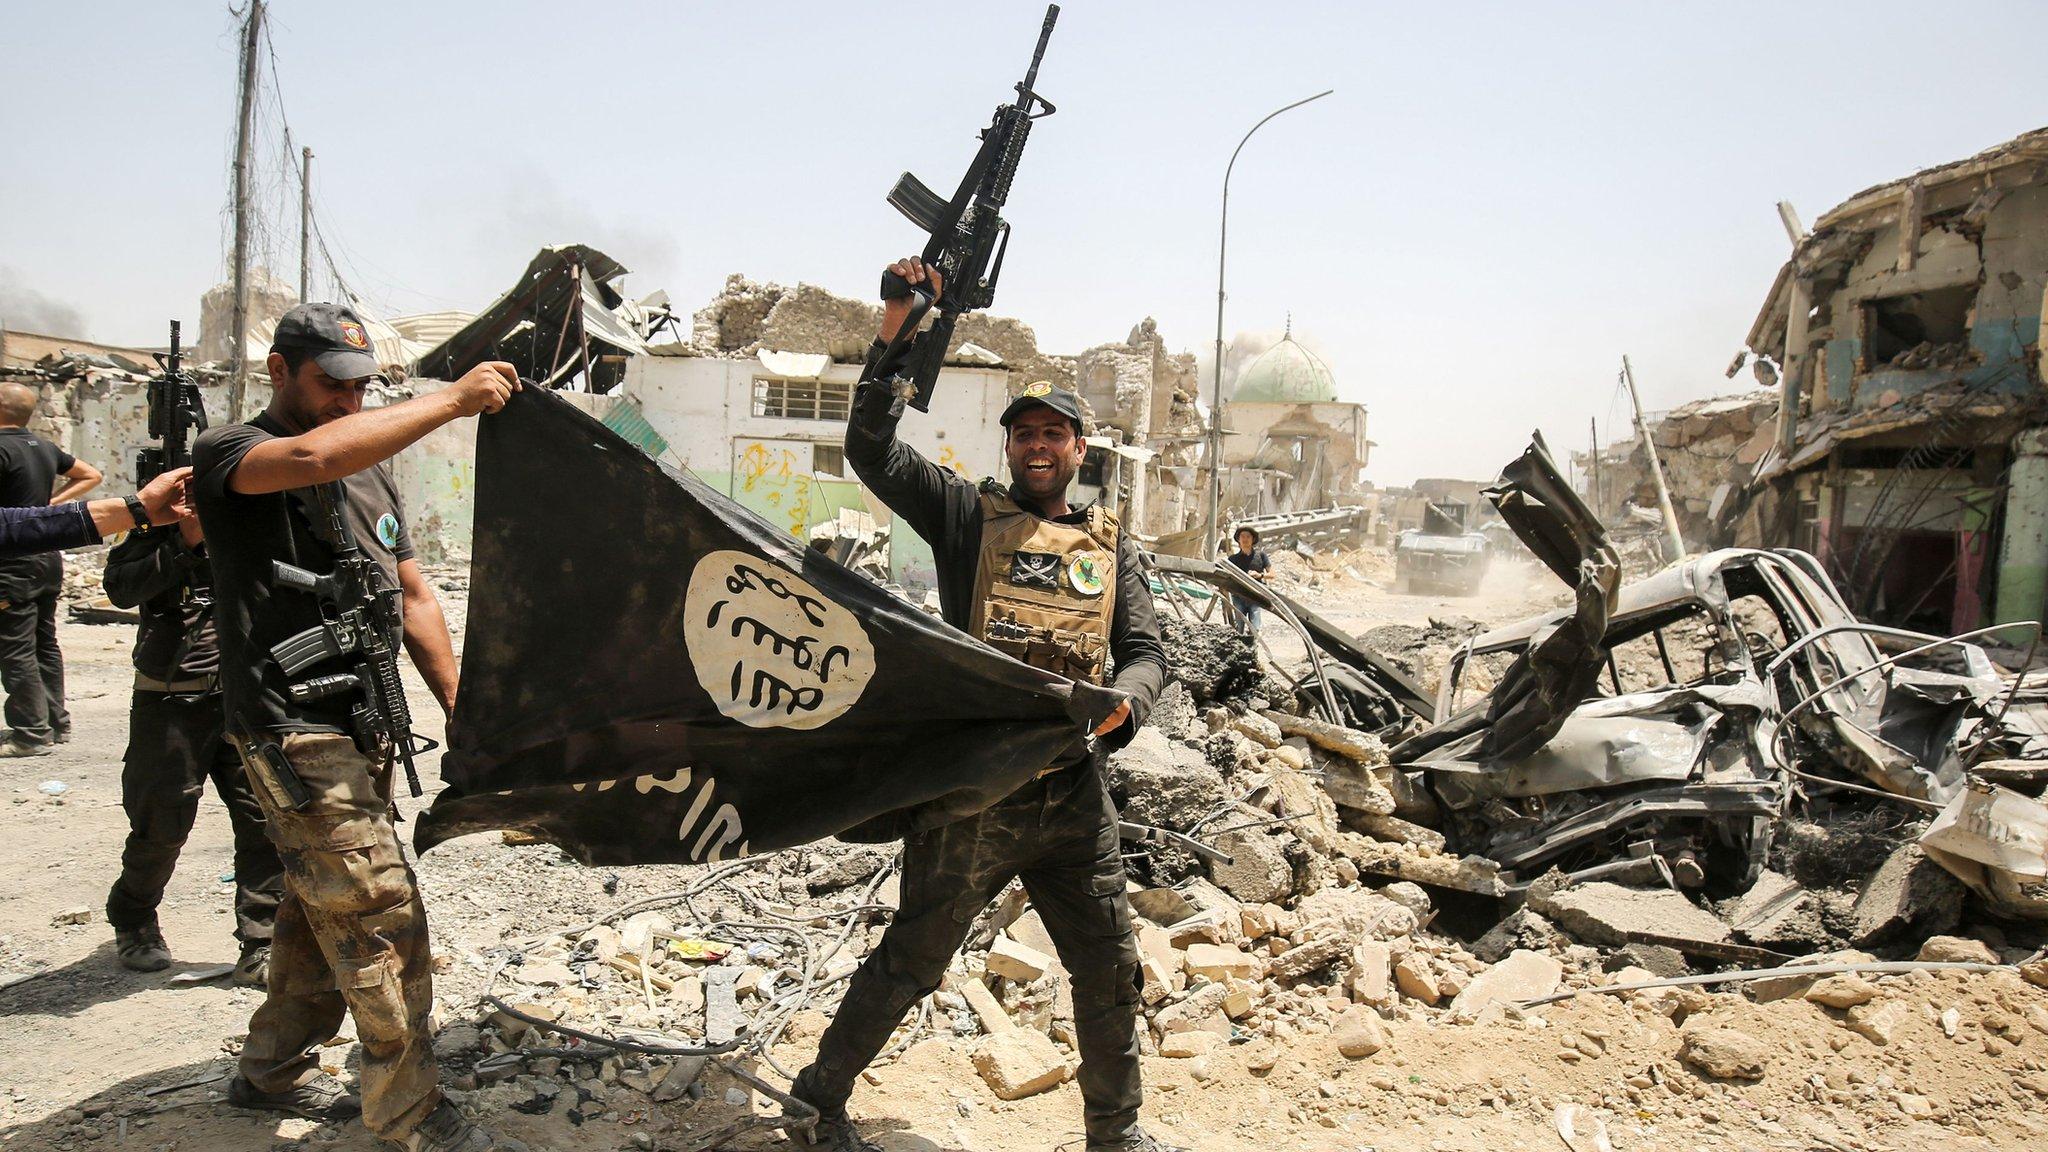 العراق أعلن في 2017 انتصاره على التنظيم